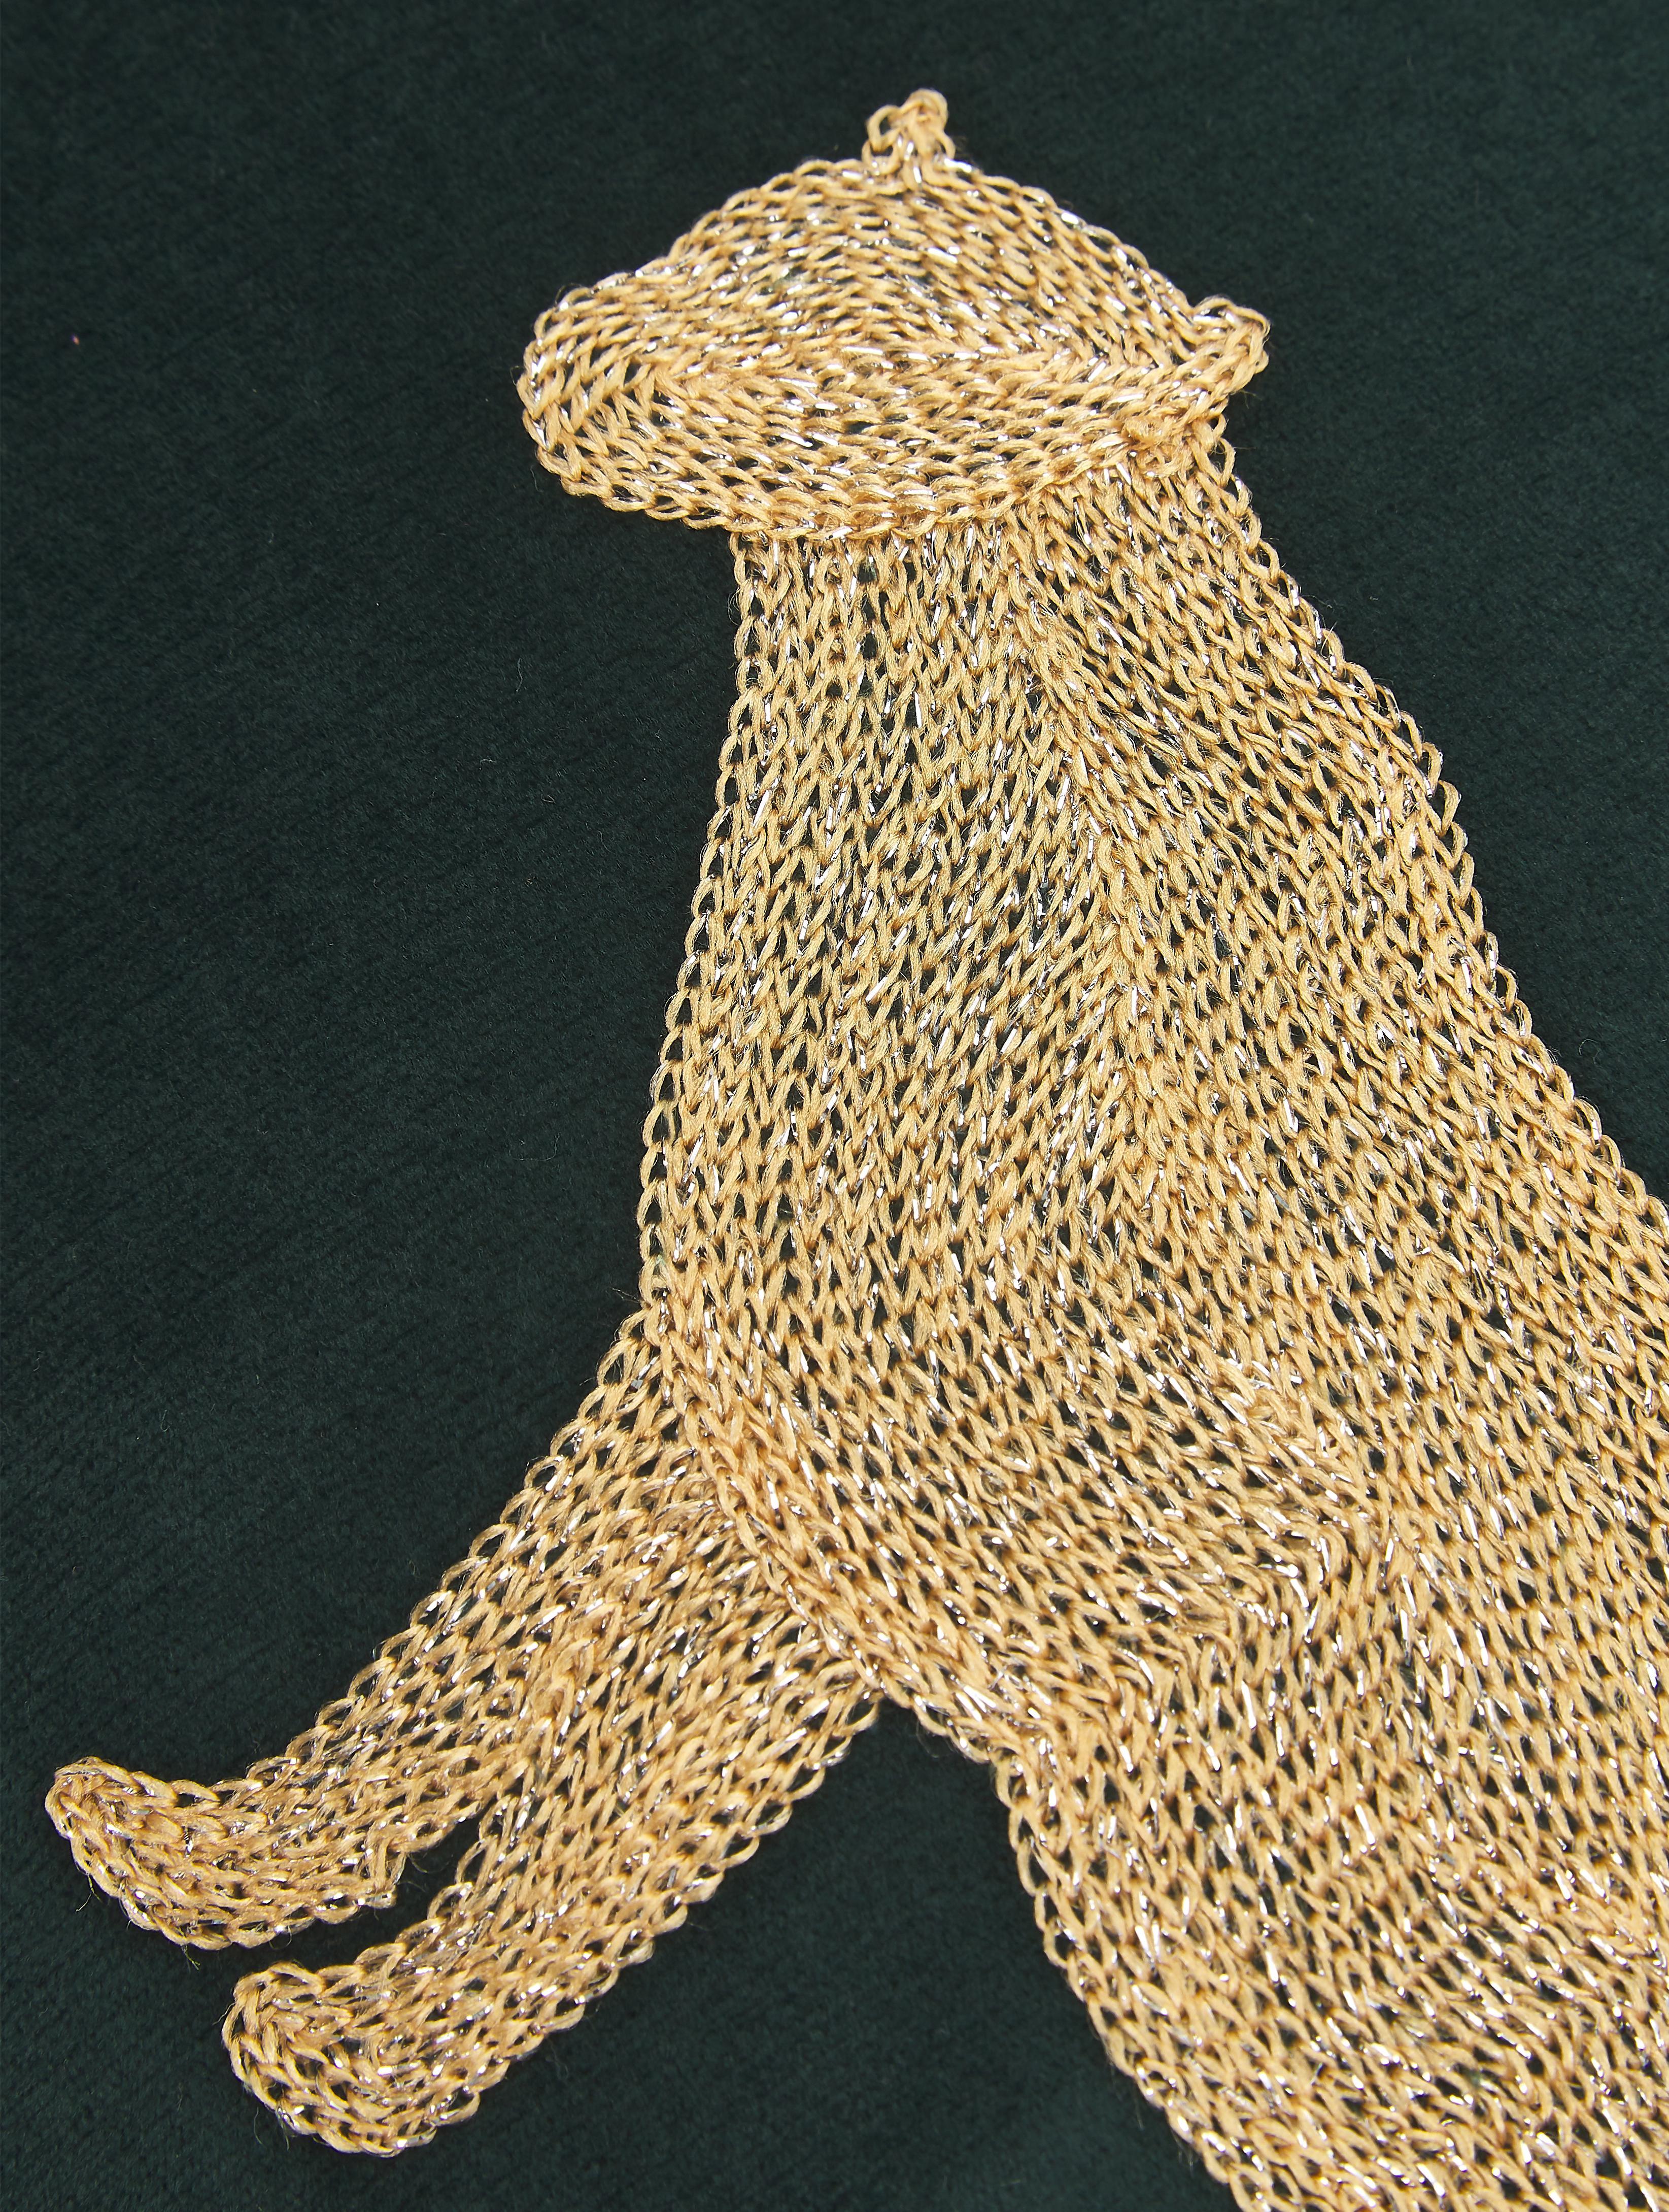 Besticktes Samt-Kissen Single Leopard in Grün/Gold, mit Inlett, 100% Samt (Polyester), Grün, Goldfarben, 40 x 60 cm